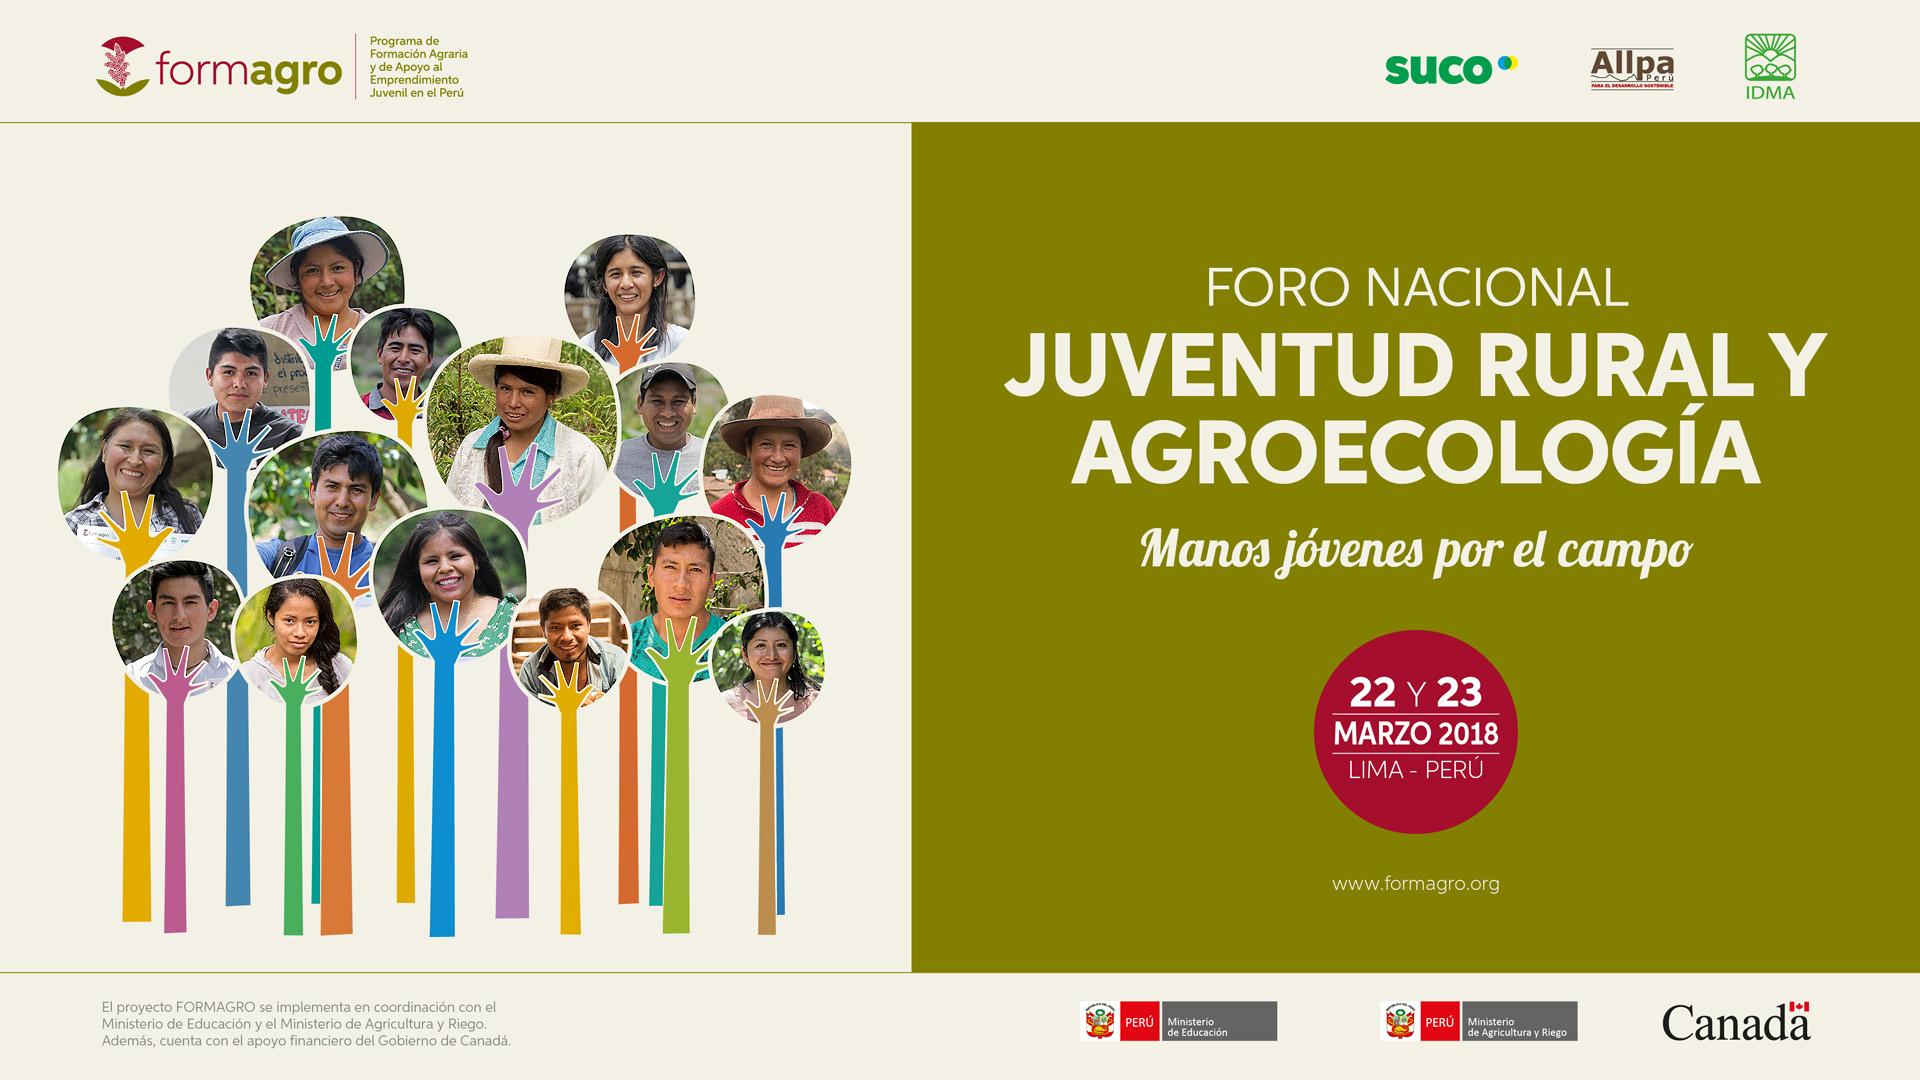 """Foro Nacional """"Juventud rural y Agroecología"""" Manos jóvenes por el campo"""